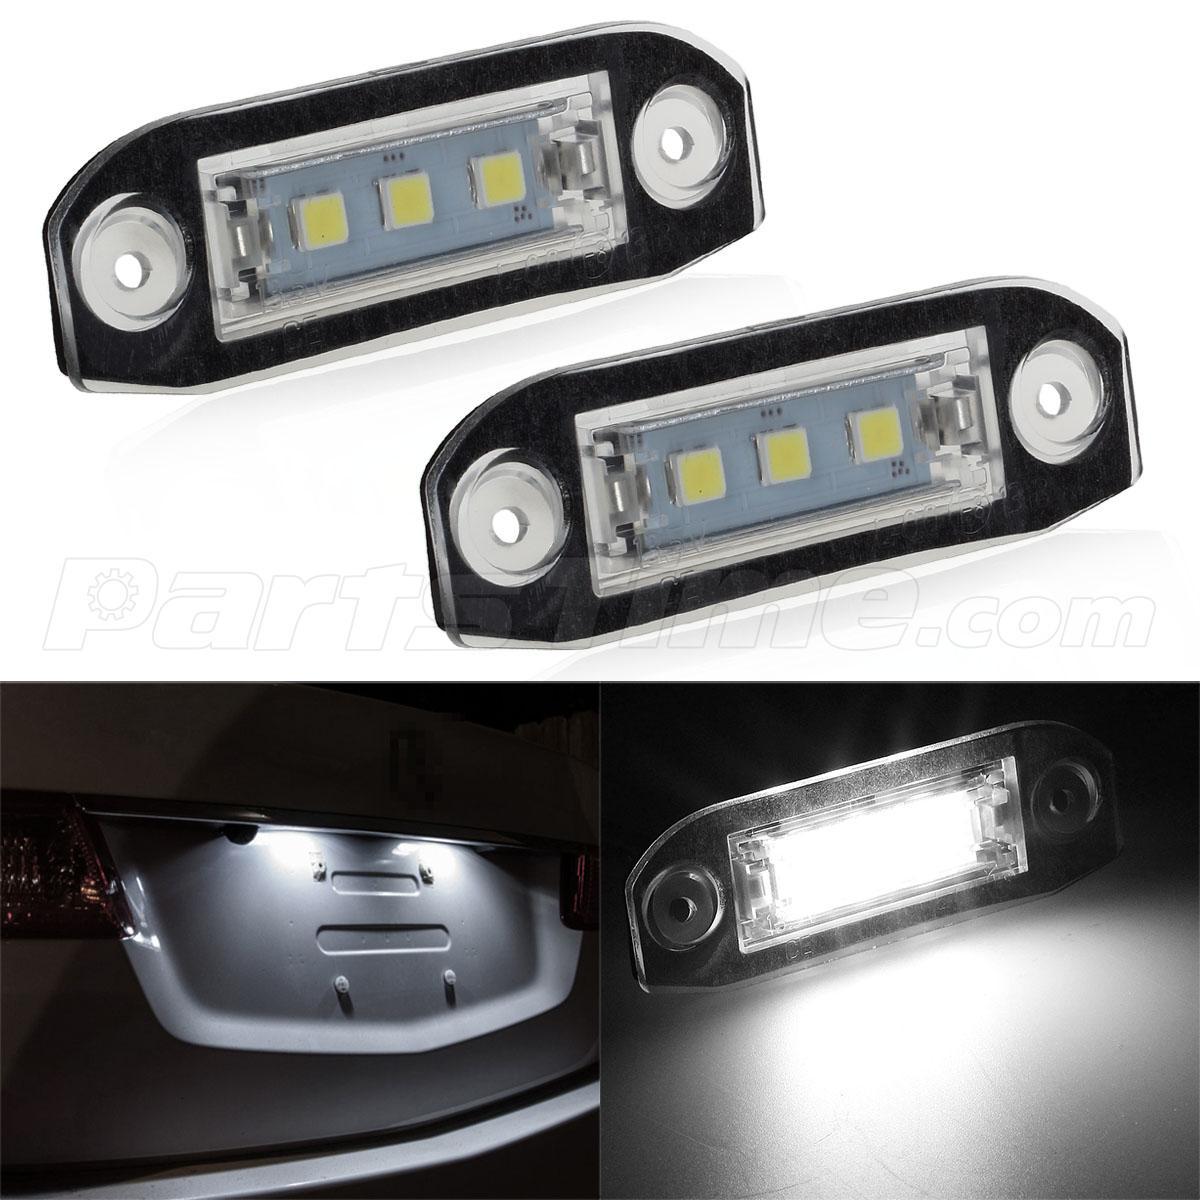 Volvo C70 2006: 2pcs Error Free 6000K White License Plate Light Lamp For